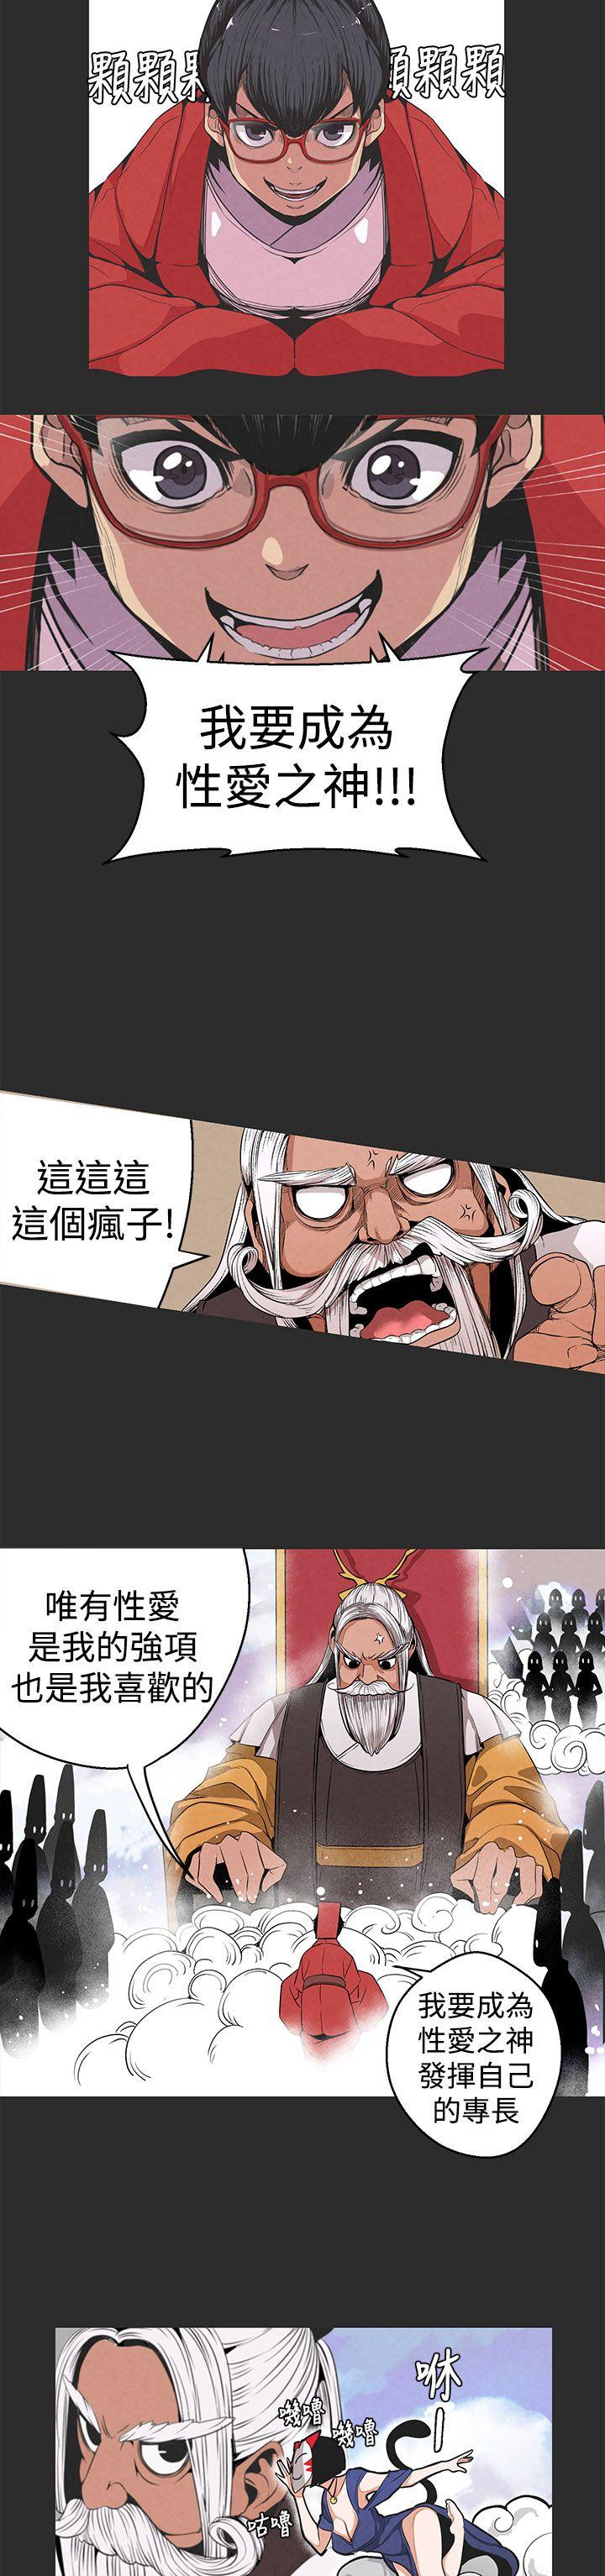 女神狩猎 第1~3話 [Chinese]中文 Harc 76